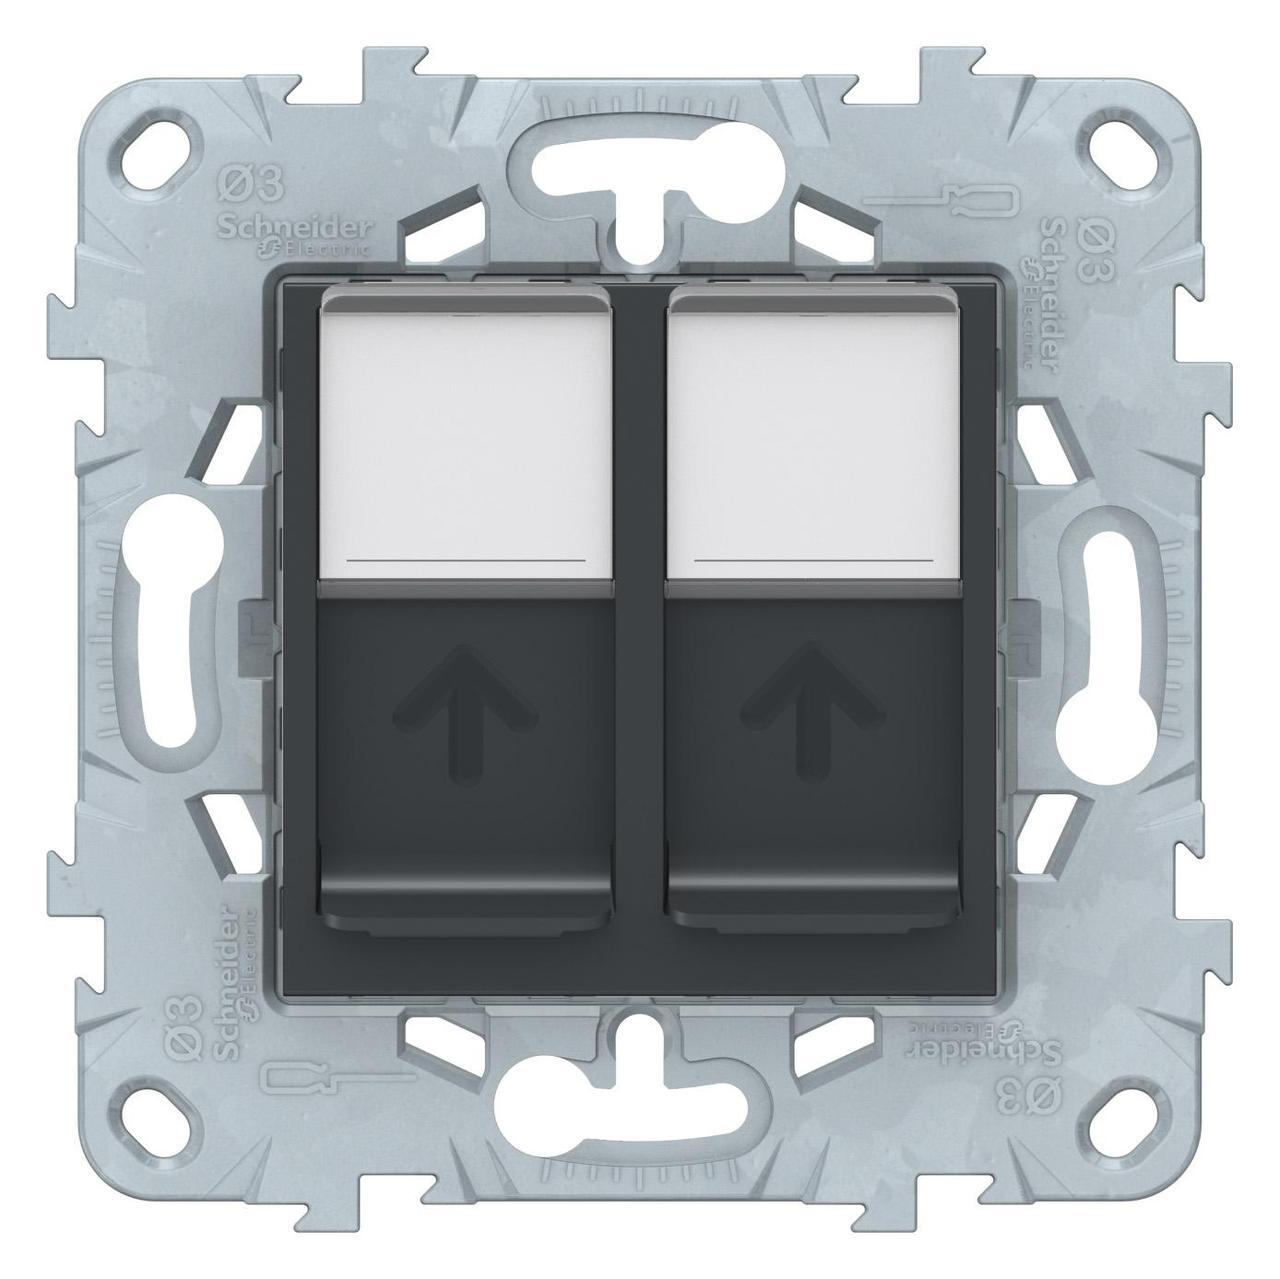 Розетка компьютерная 2-ая кат.5е, RJ-45 (интернет) , Антрацит, серия Unica New, Schneider Electric